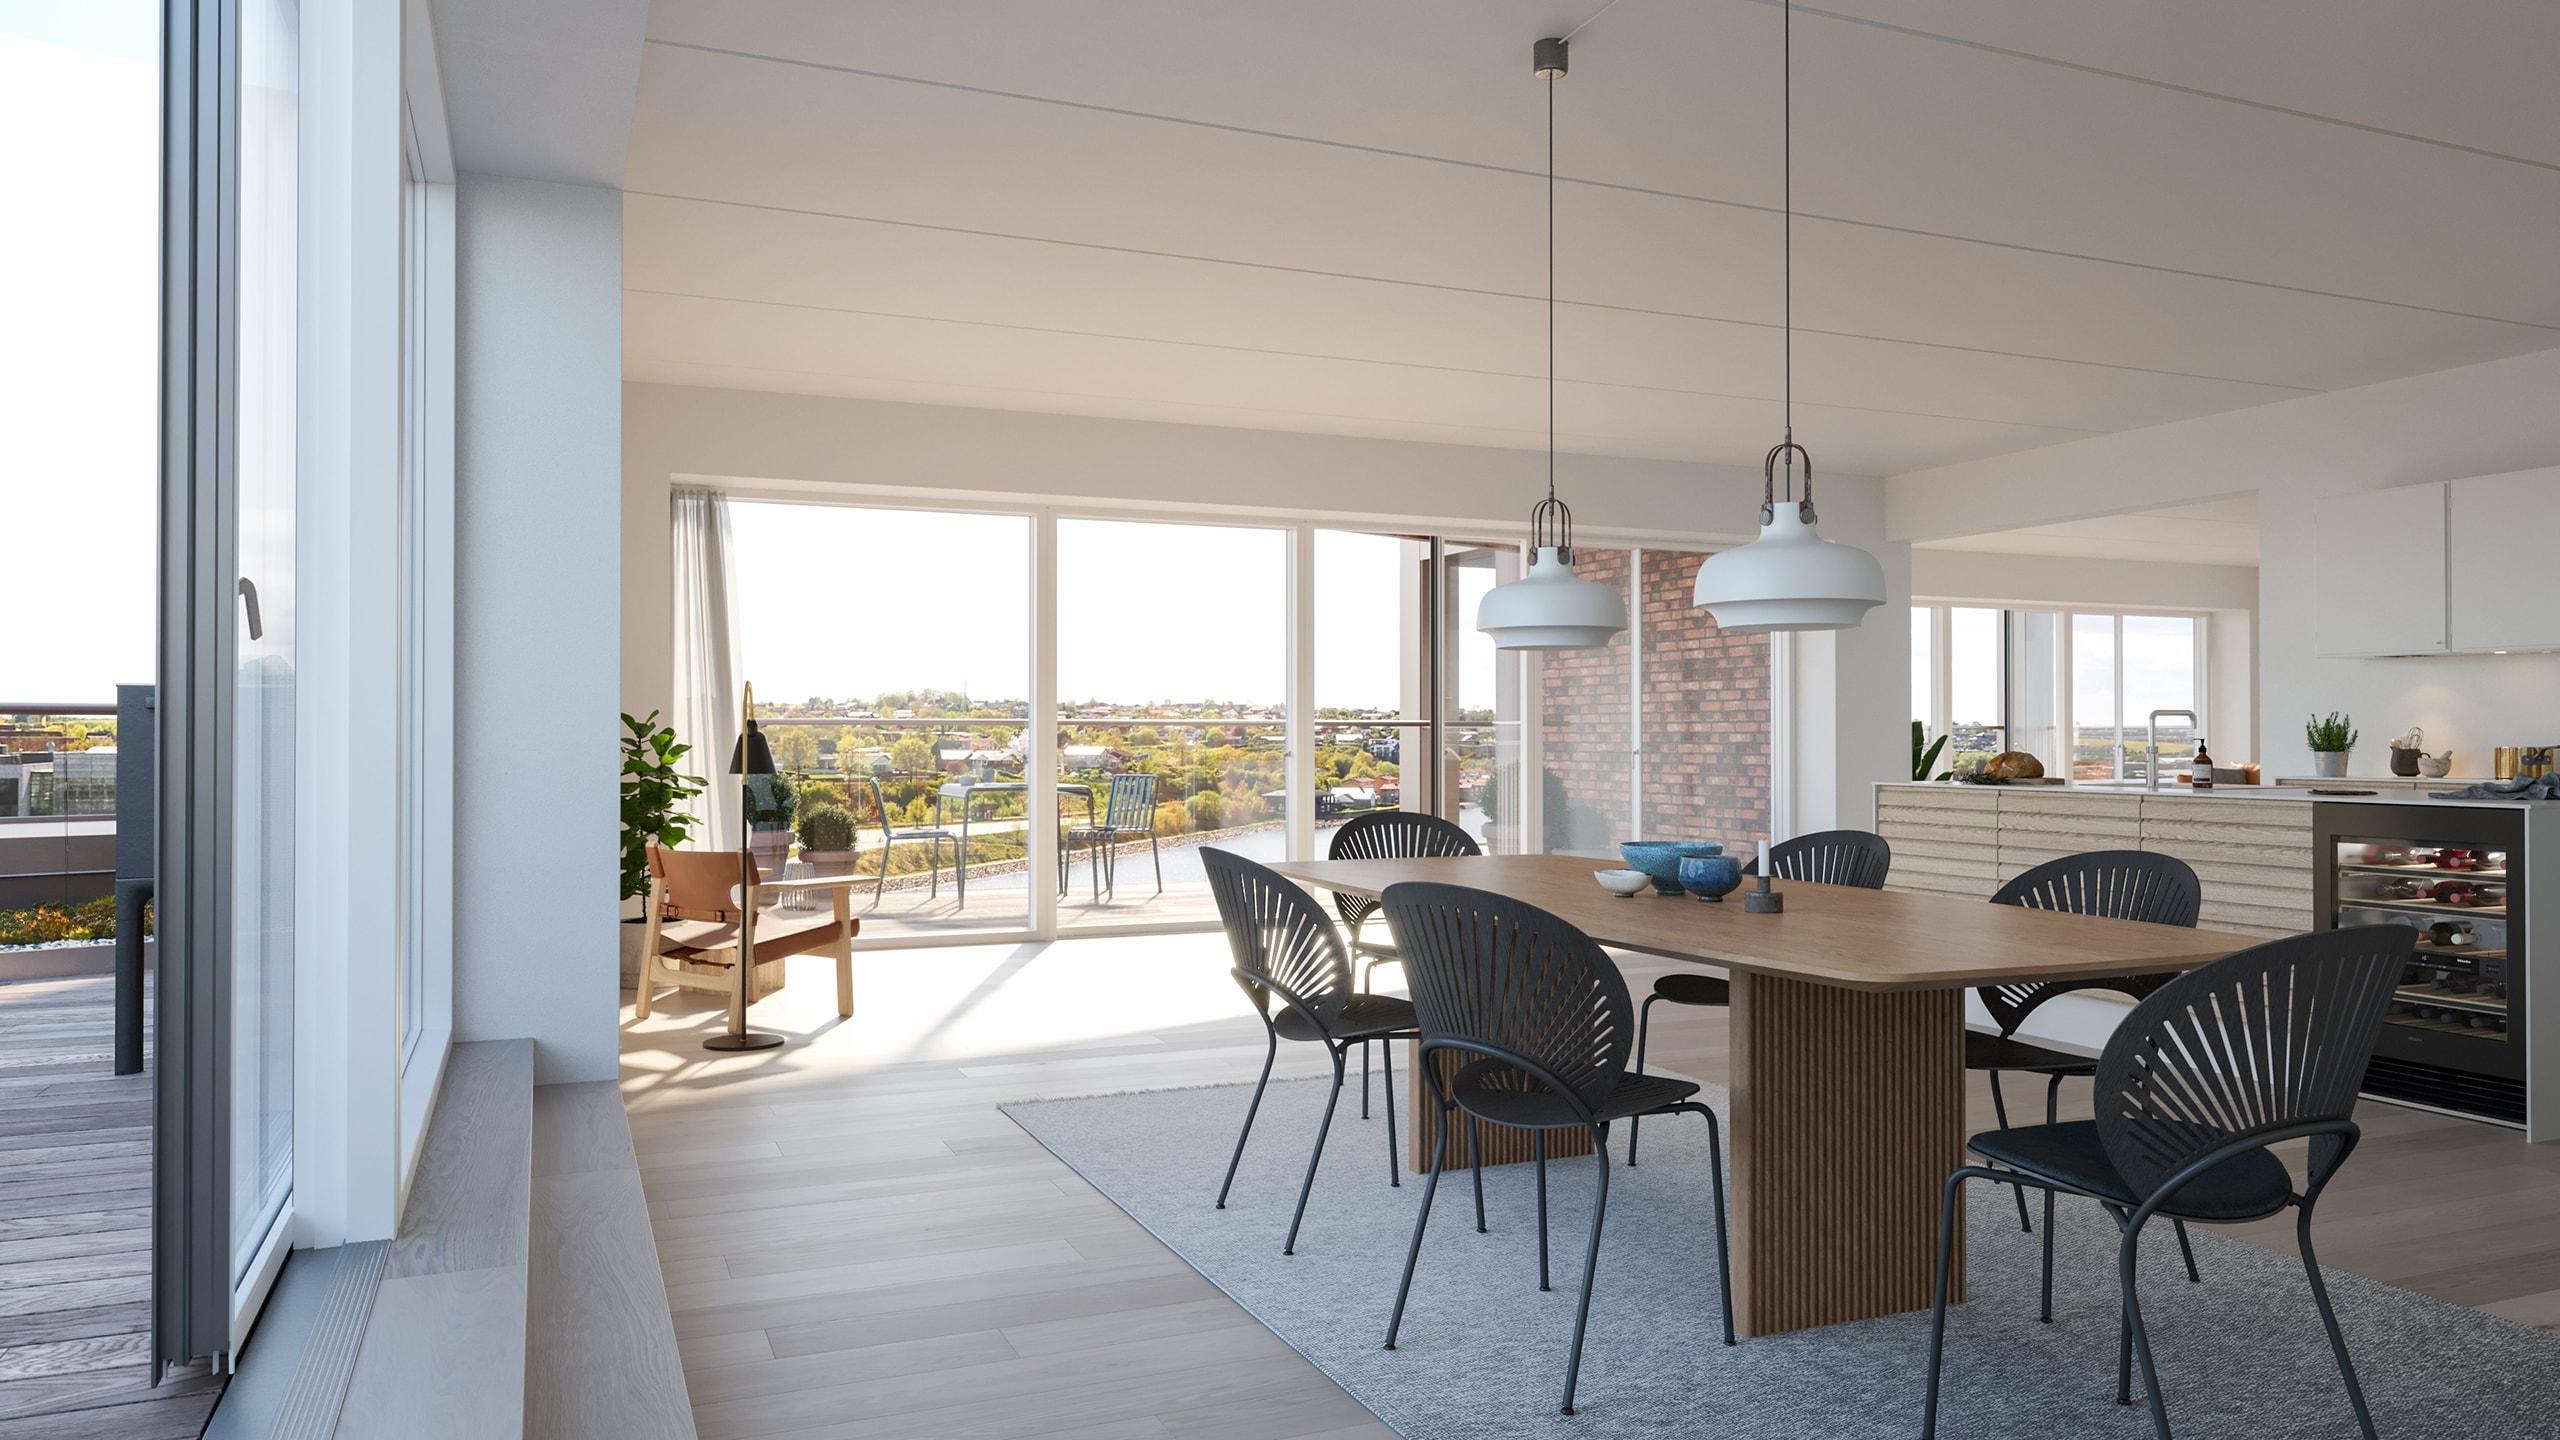 Kongebro-Huset - Lejlighed 28 - Penthouse, 6. sal - Stue og Køkken